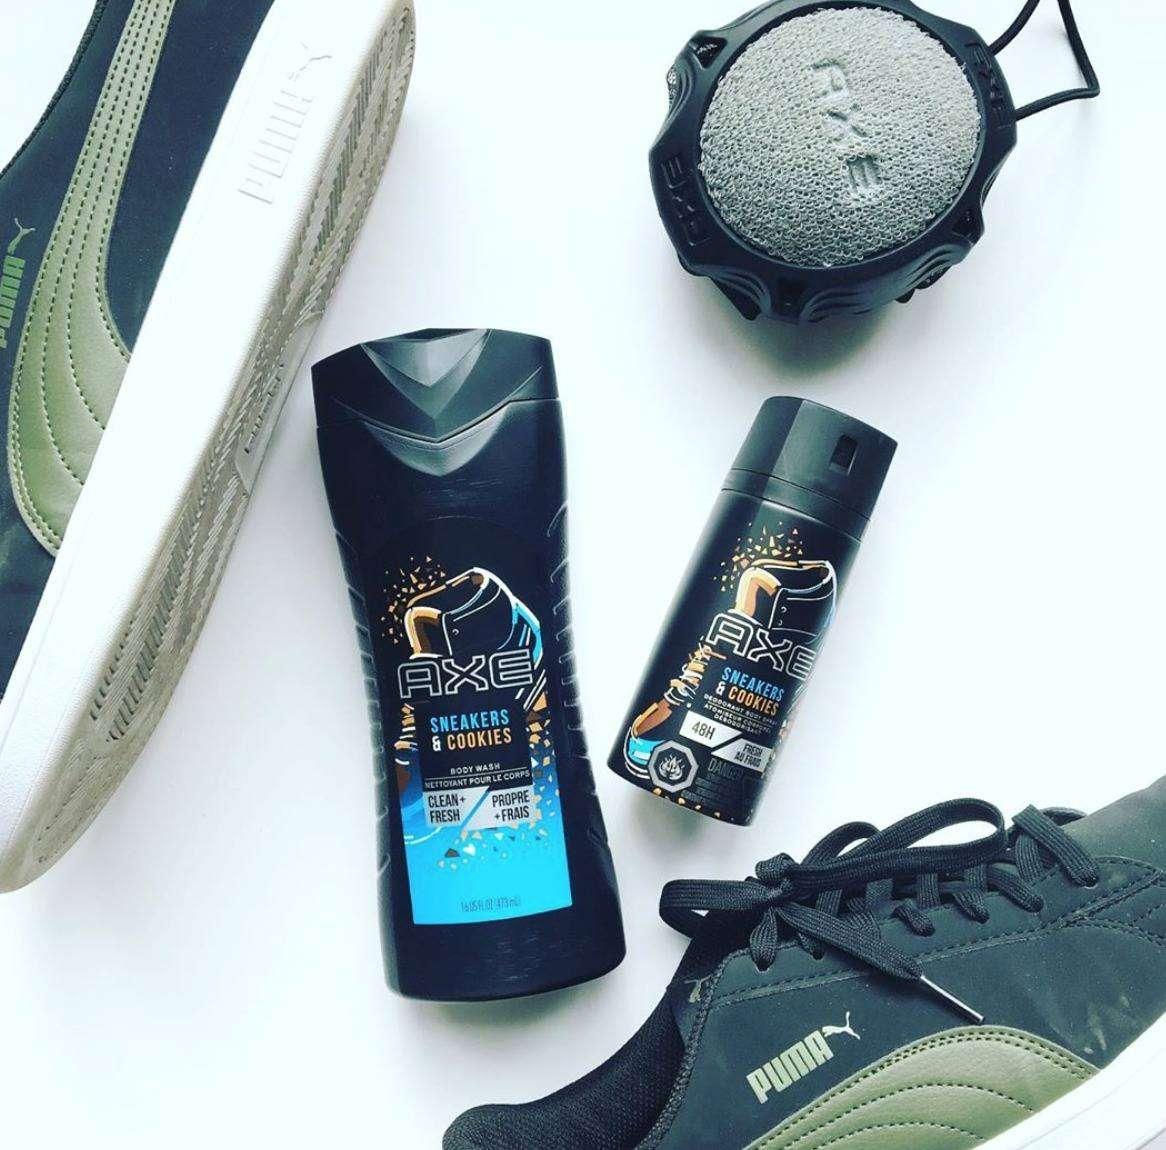 deodorante scarpe e biscotti